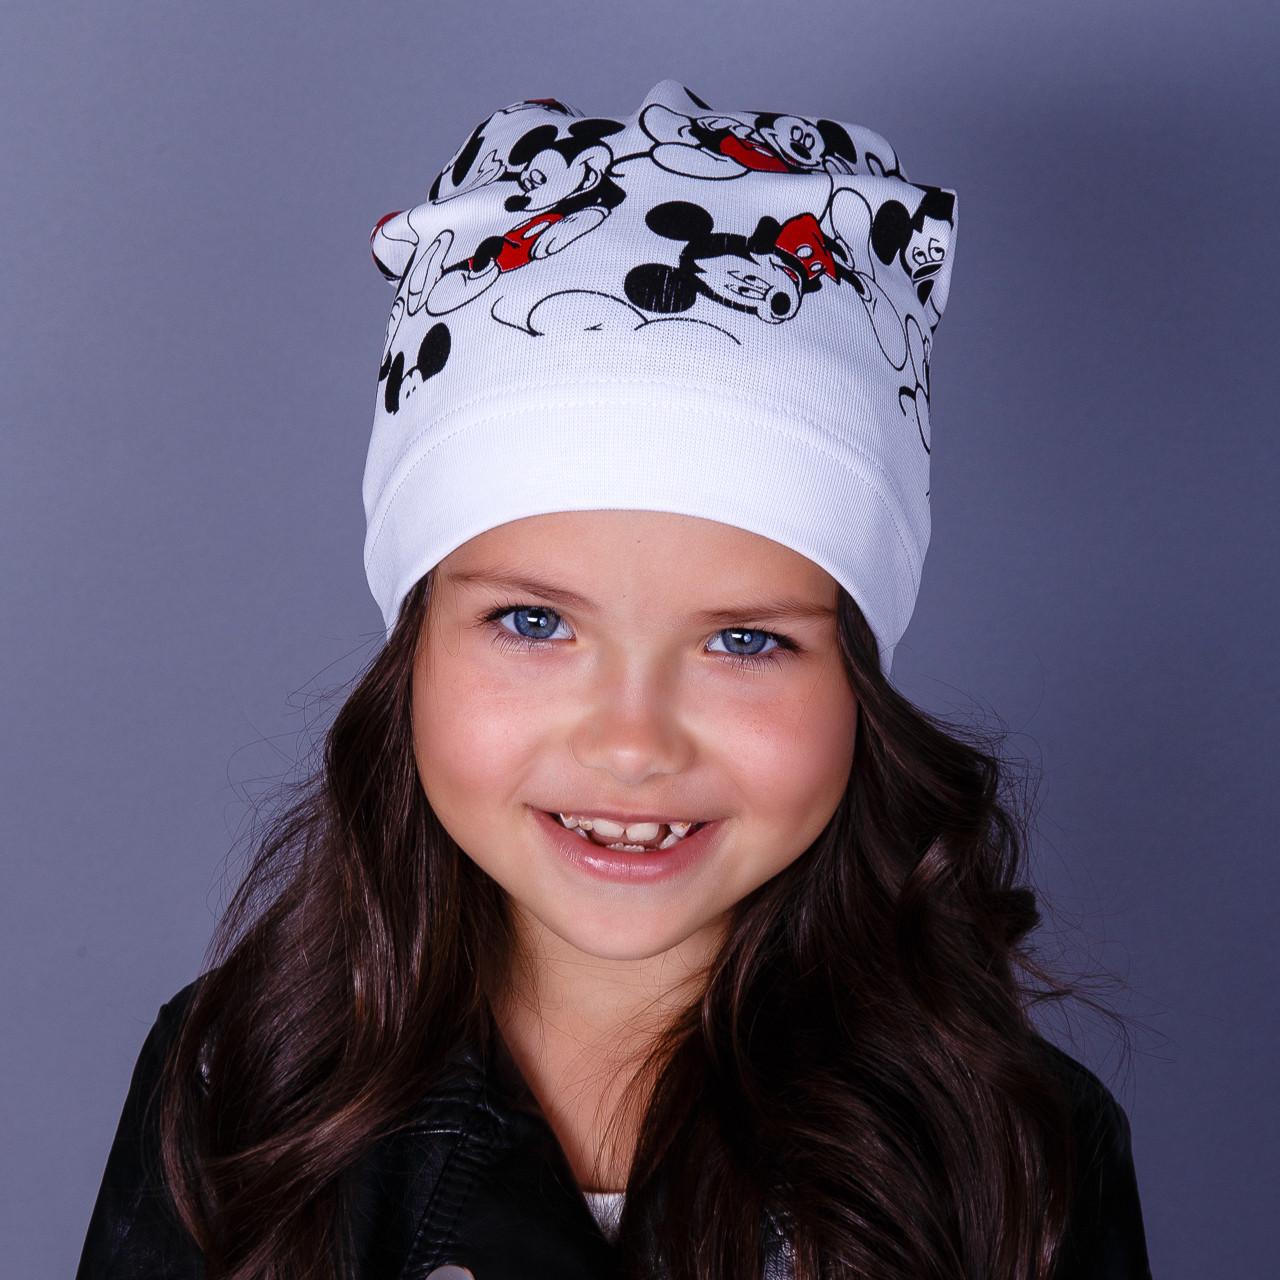 Модная шапка для девочек - Мики маус - оптом - весна-осень  - Артикул 1778